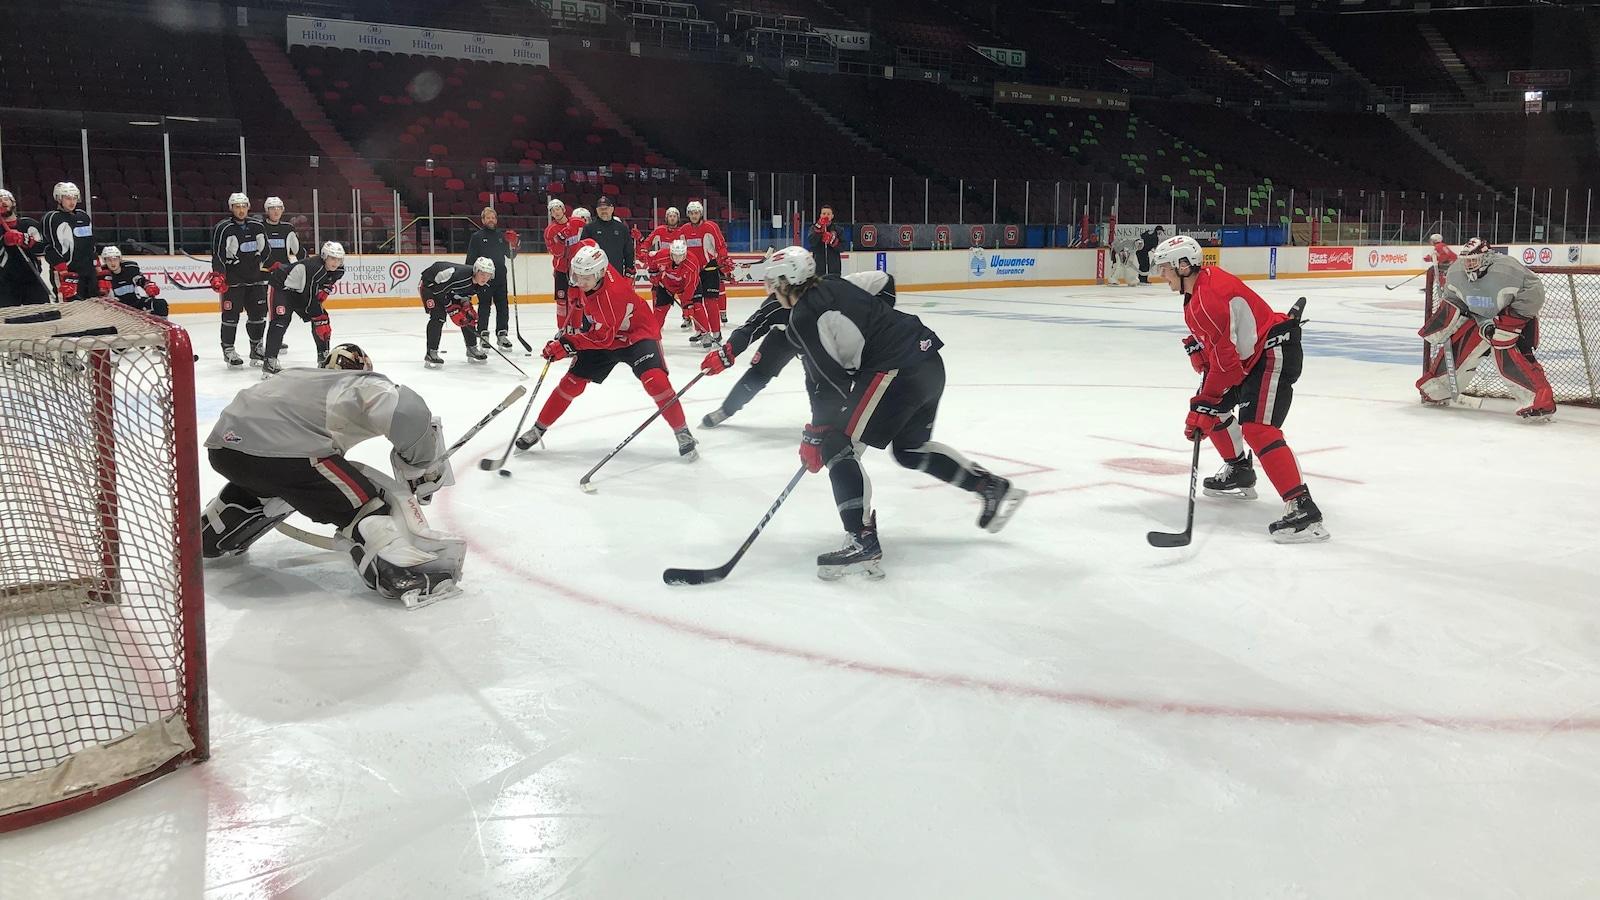 Des joueurs s'affrontent sur une plus petite glace lors d'un entraînement de hockey